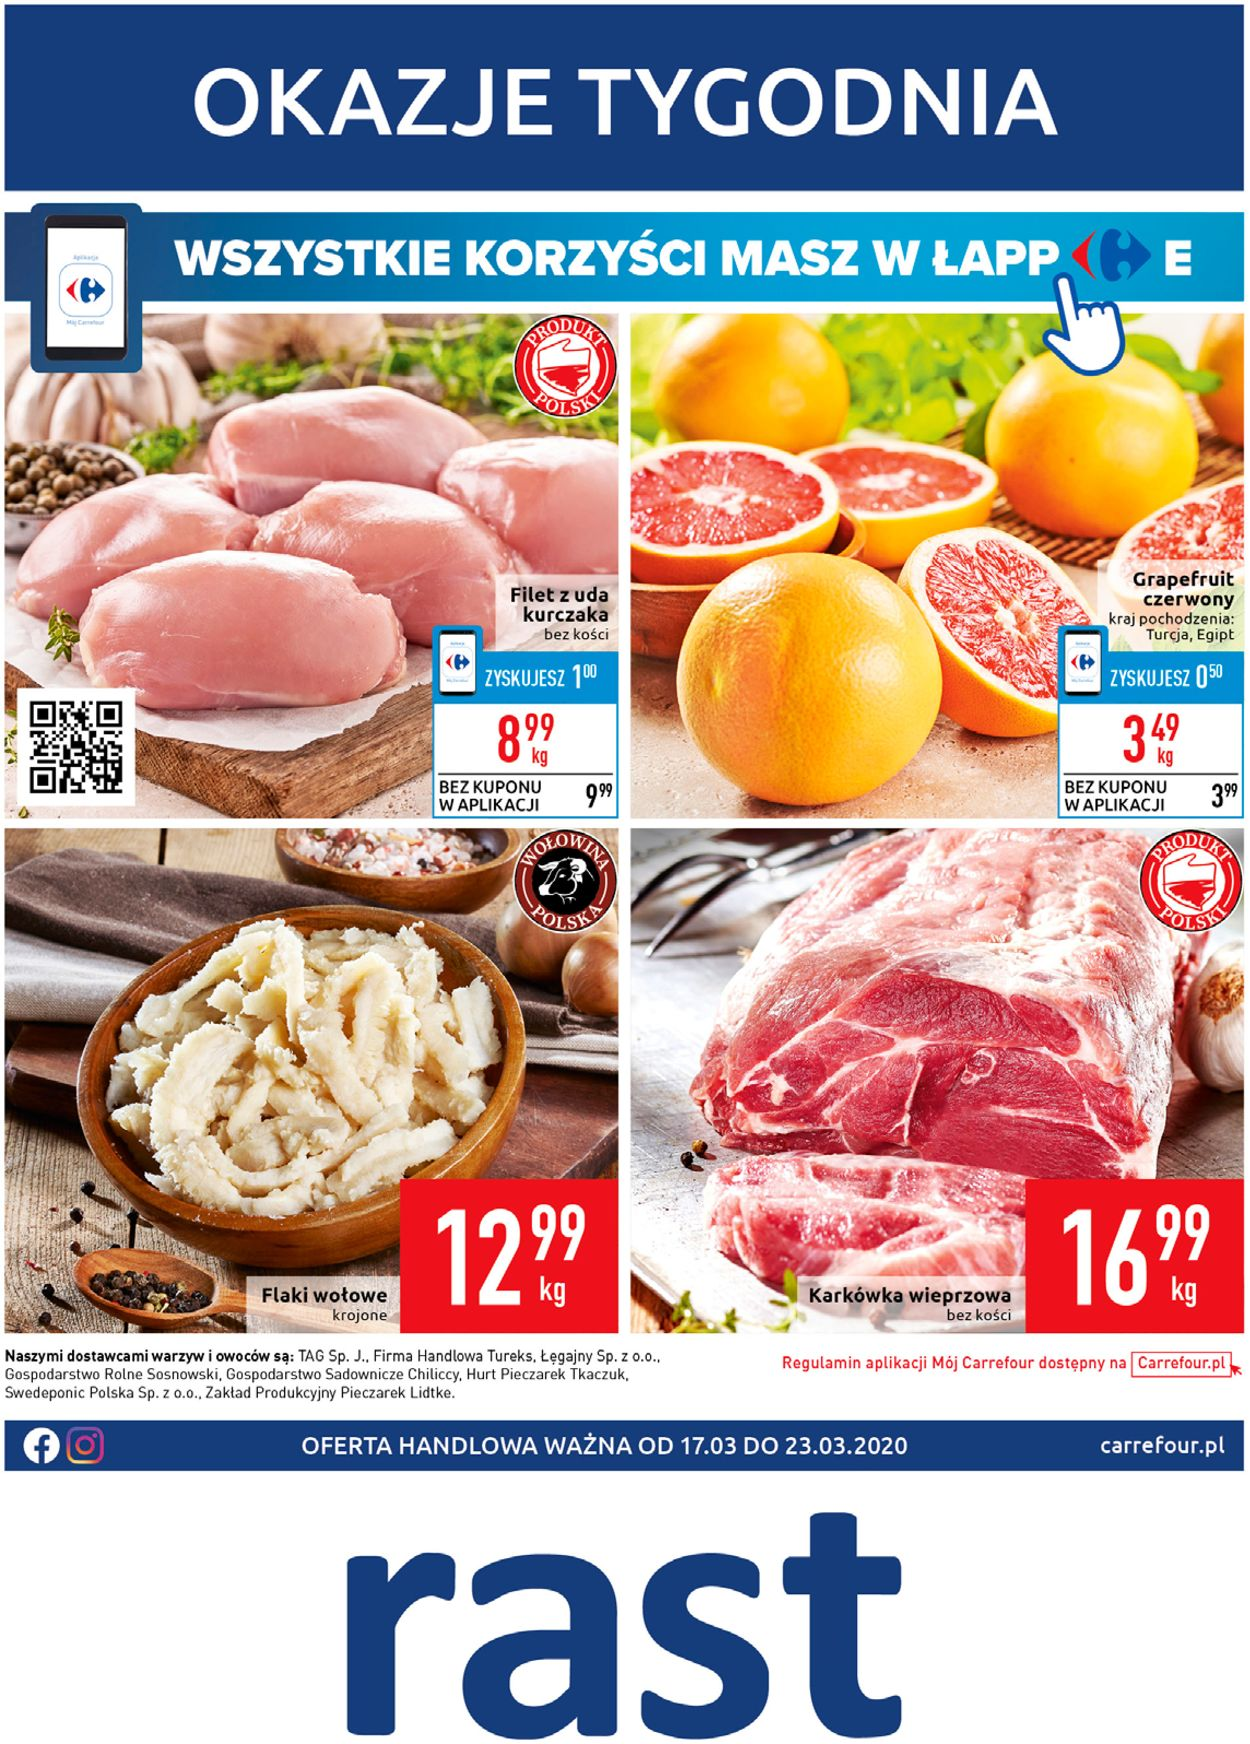 Gazetka promocyjna Carrefour - 17.03-23.03.2020